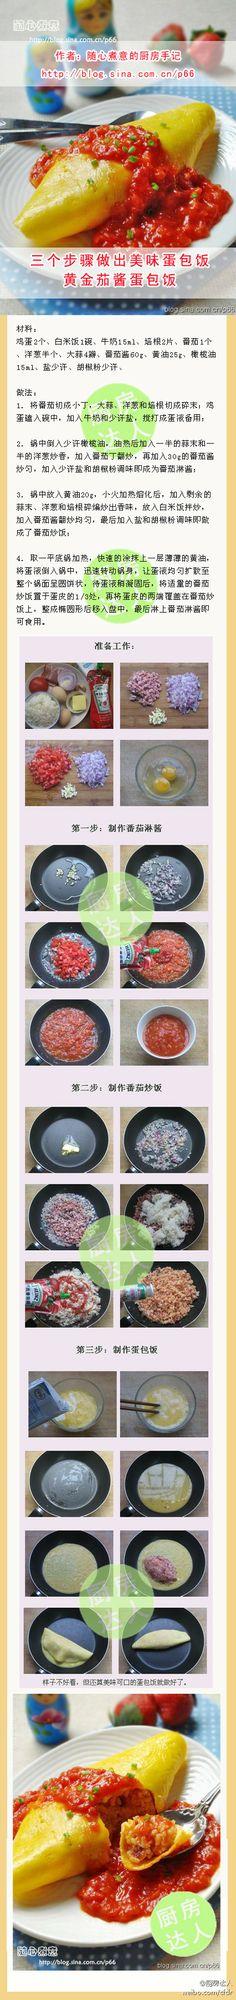 【黄金茄酱蛋包饭】三个步骤做出美味蛋包饭——黄金茄酱蛋包饭!果断收藏了~